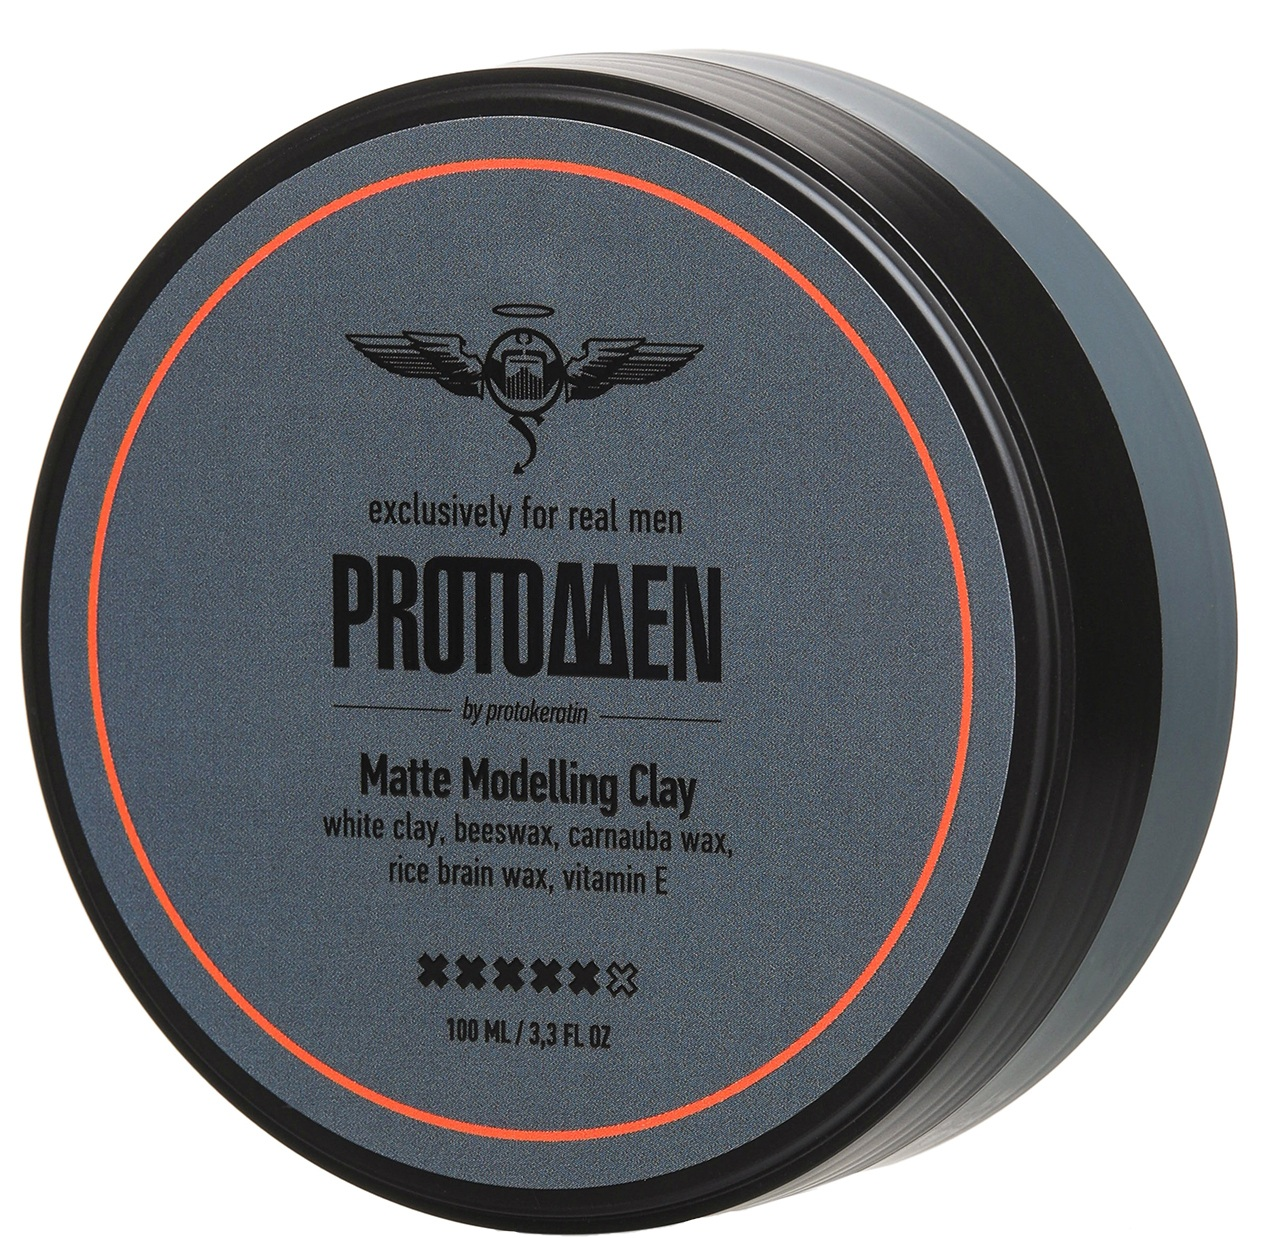 PROTOKERATIN Глина моделирующая матовая сильной фиксации / ProtoMEN 100 мл